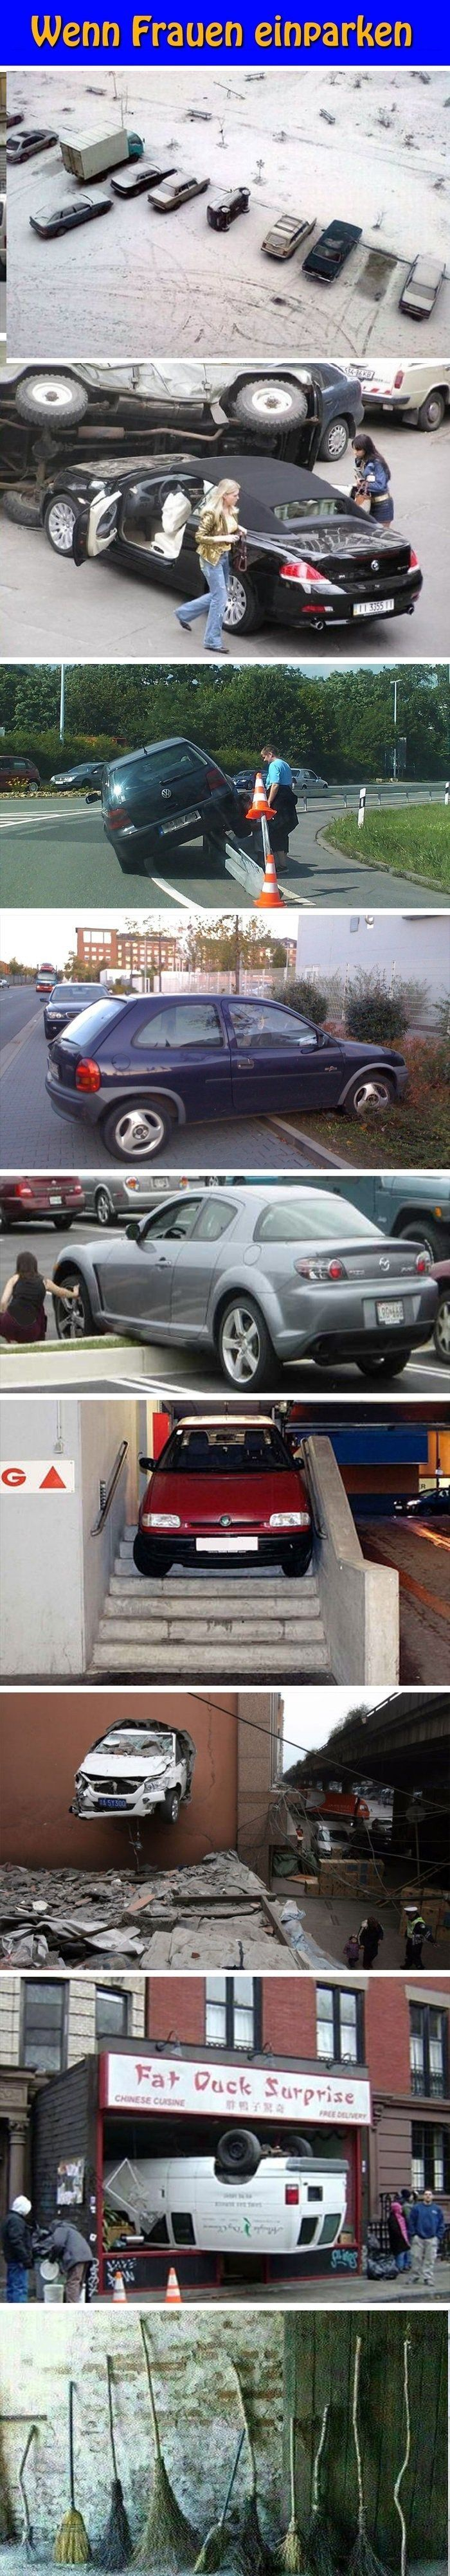 Wenn Frauen einparken! LocoPengu - Why so serious? witze meme lustiges zitate humor funny bilder